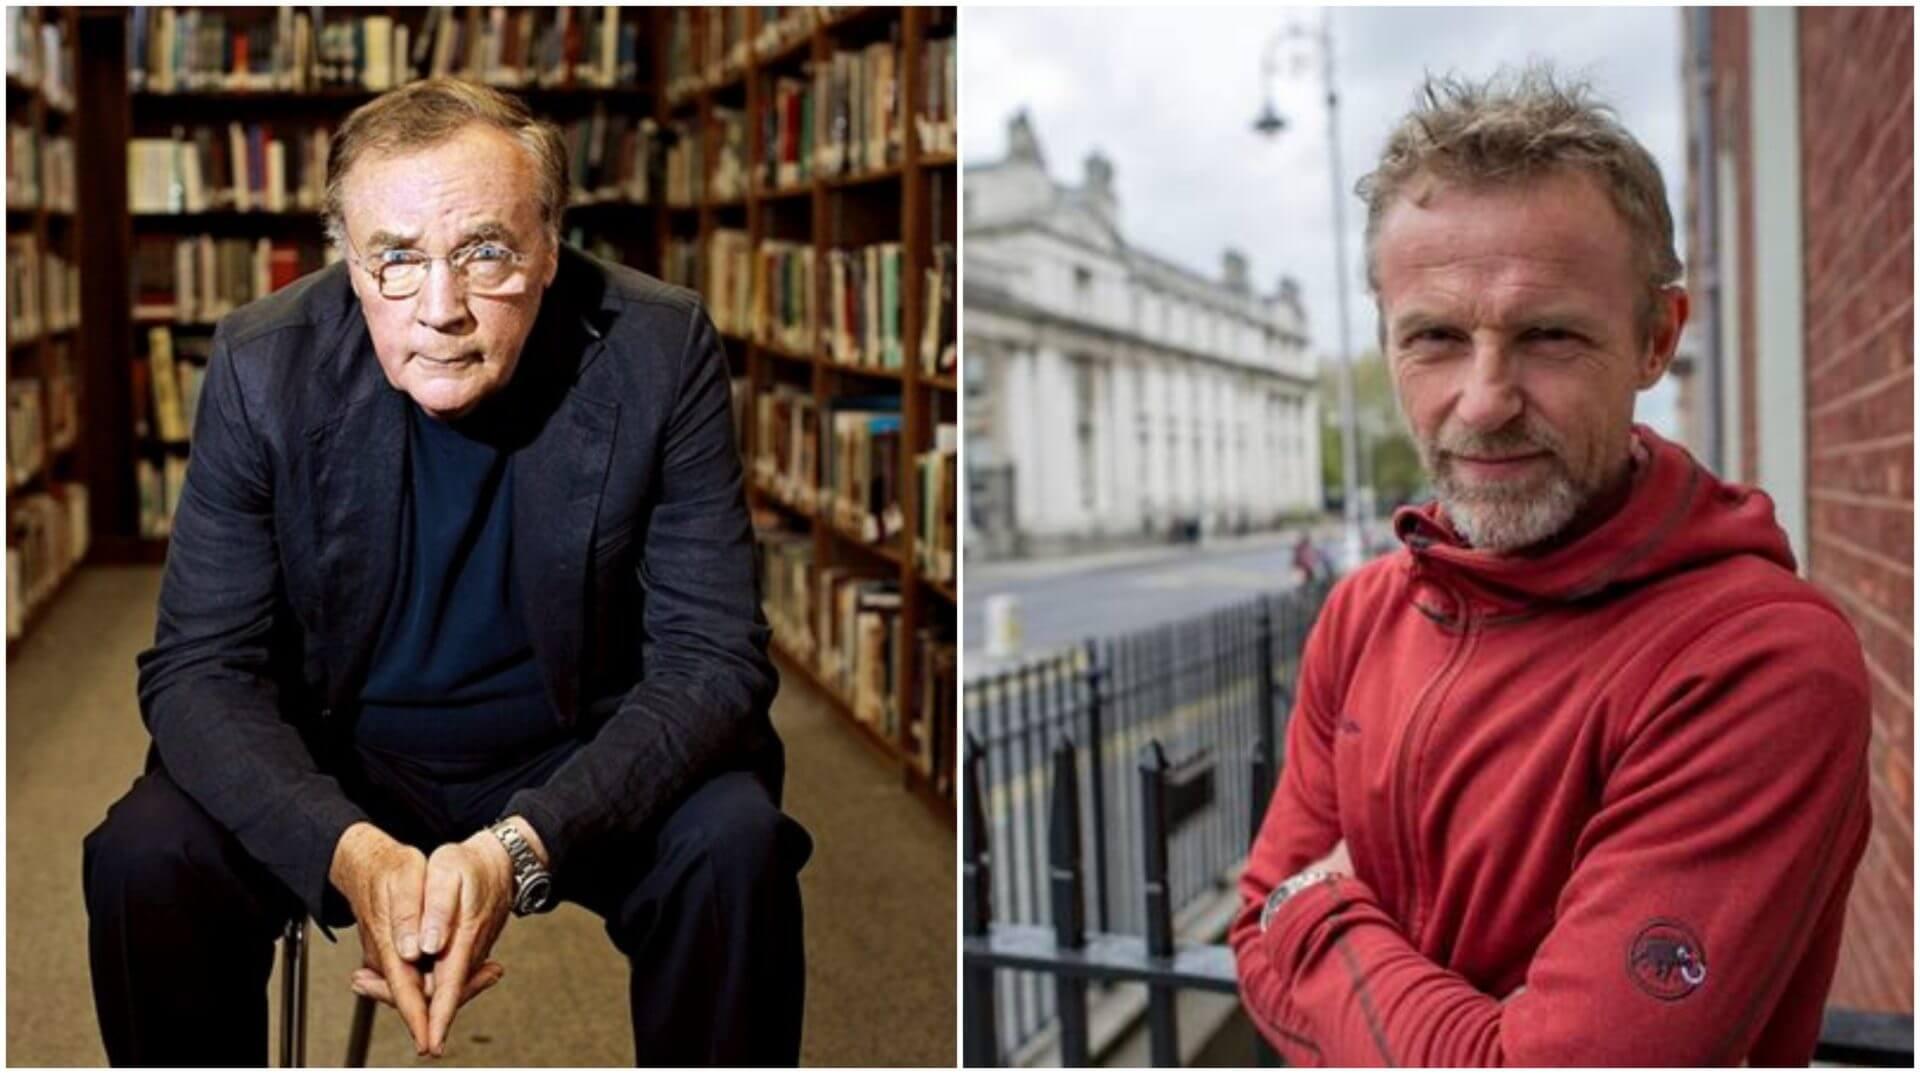 Festival de literatura policial terá Harlan Coben, James Patterson e Jo Nesbo entre os convidados